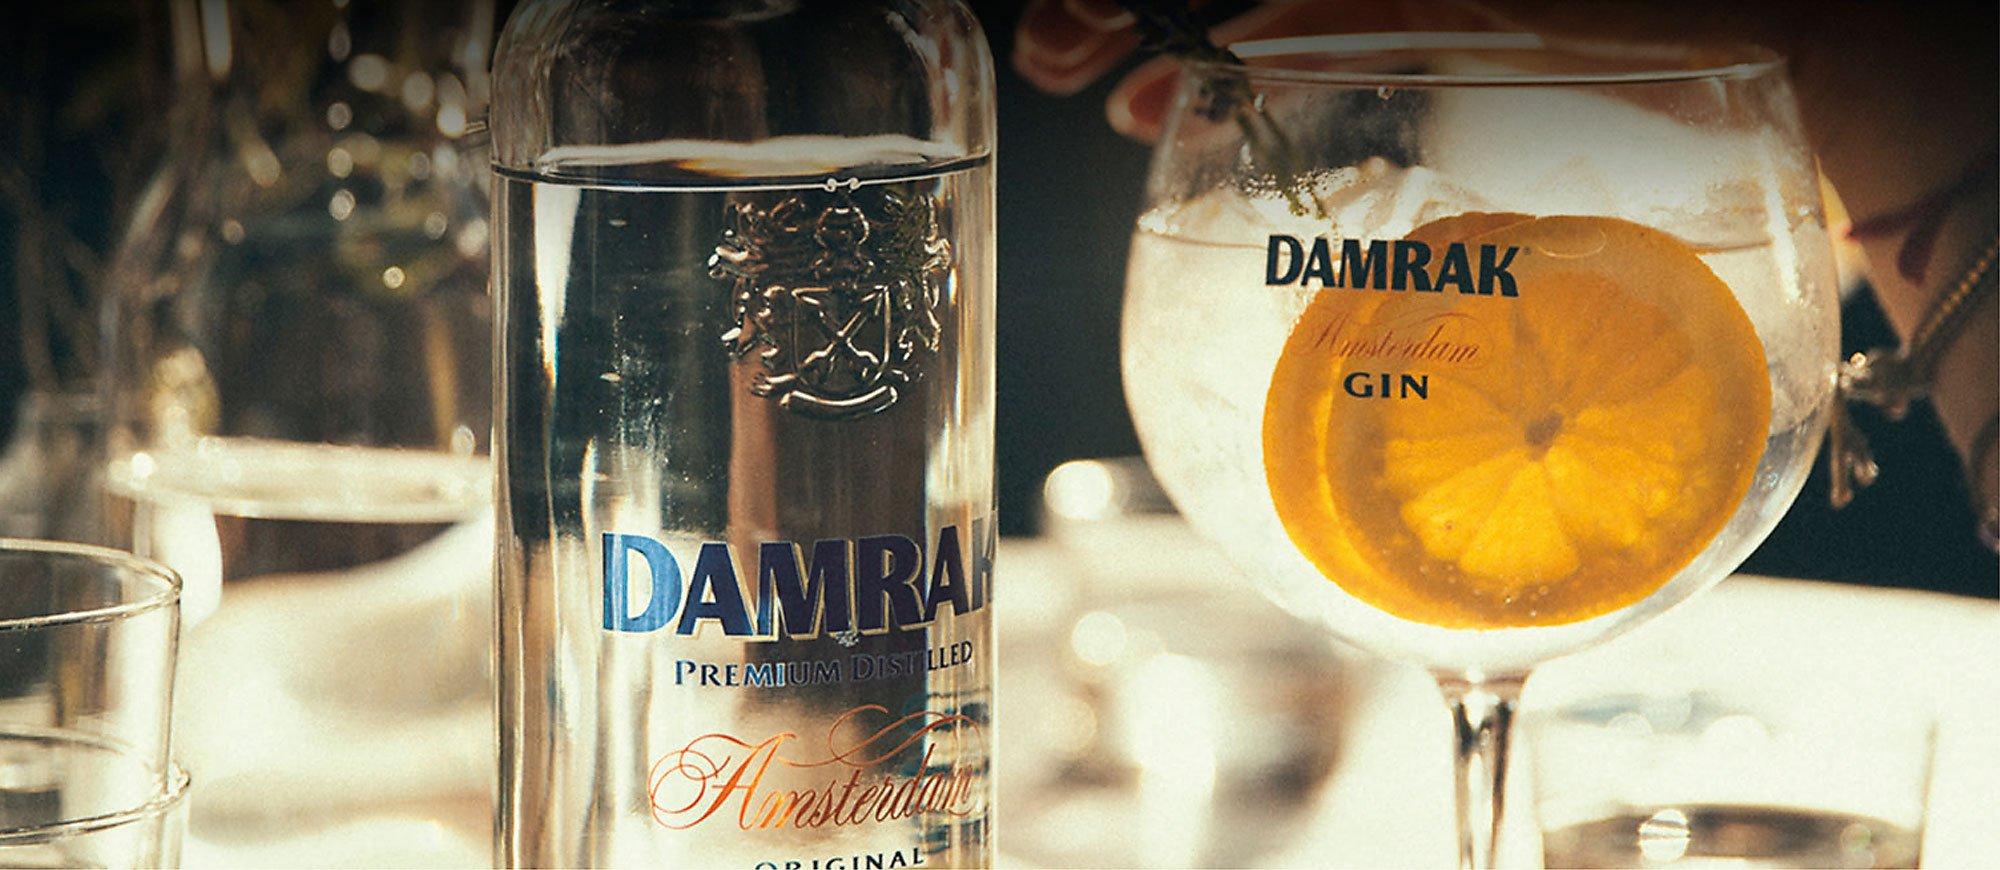 Damrak (Bols) llança una ginebra 0,0%